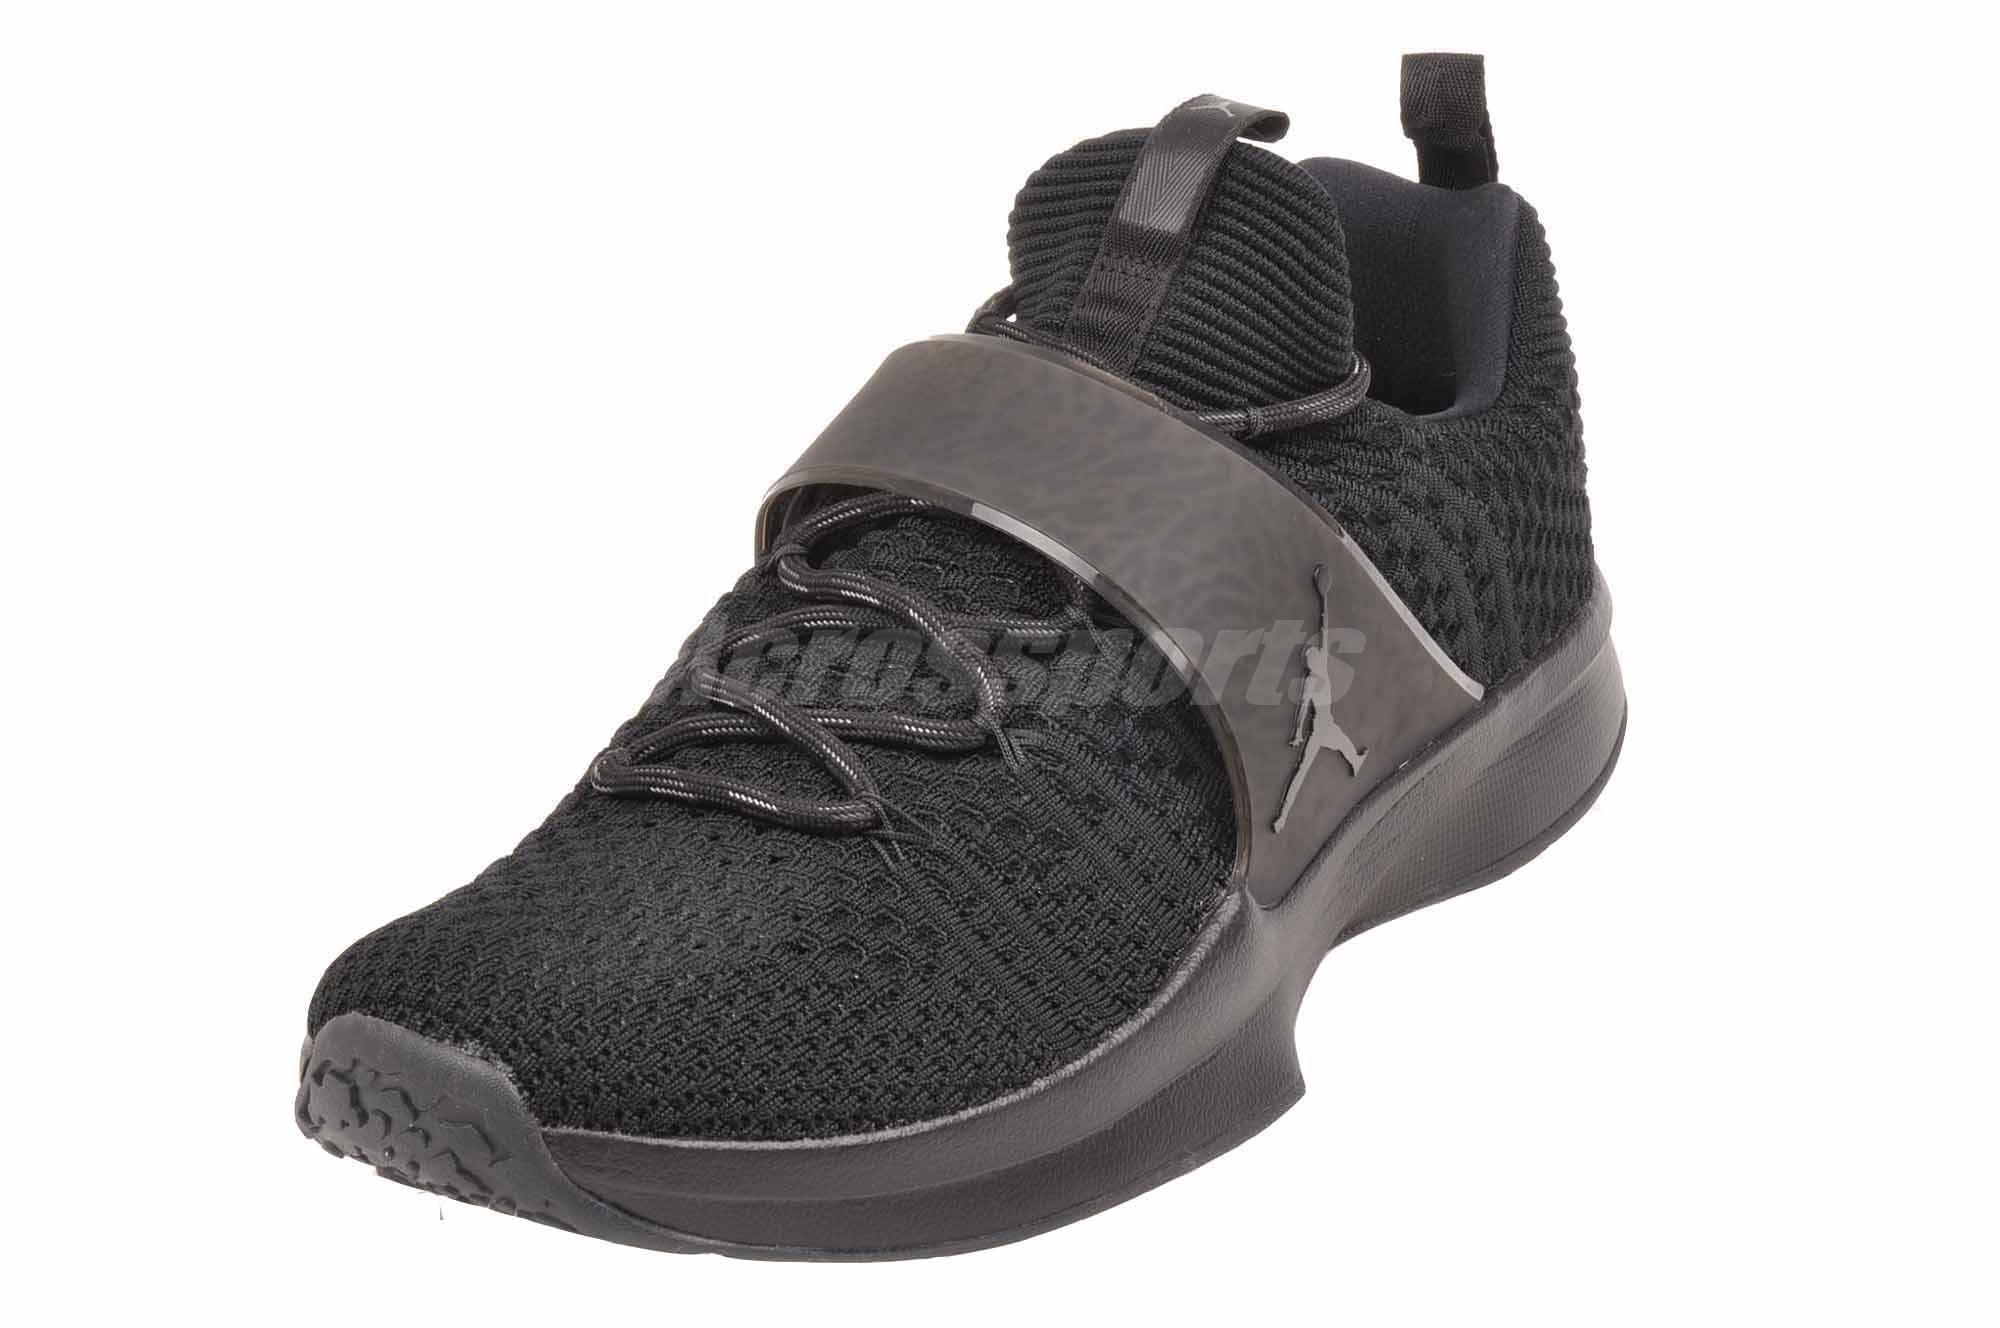 Nike Jordan Trainer 2 Flyknit Cross Training Mens Shoes Air Black ... 9e1db6e12e6